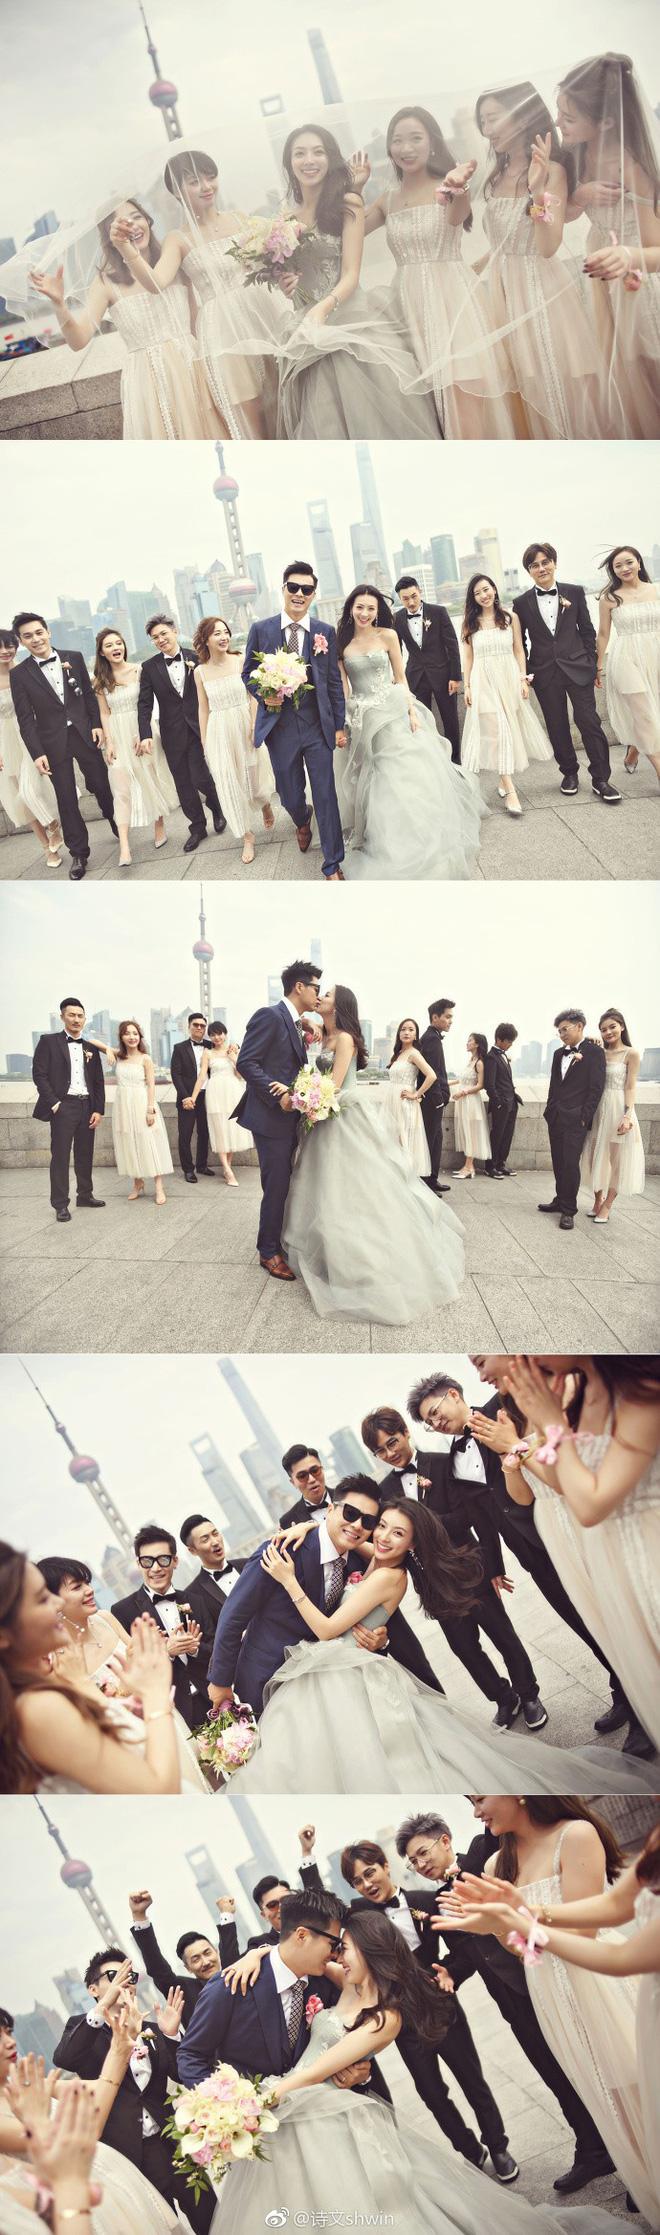 Những đám cưới cổ tích của dàn hot girl 'vạn người mê' từng nổi đình nổi đám khắp Trung Quốc 1